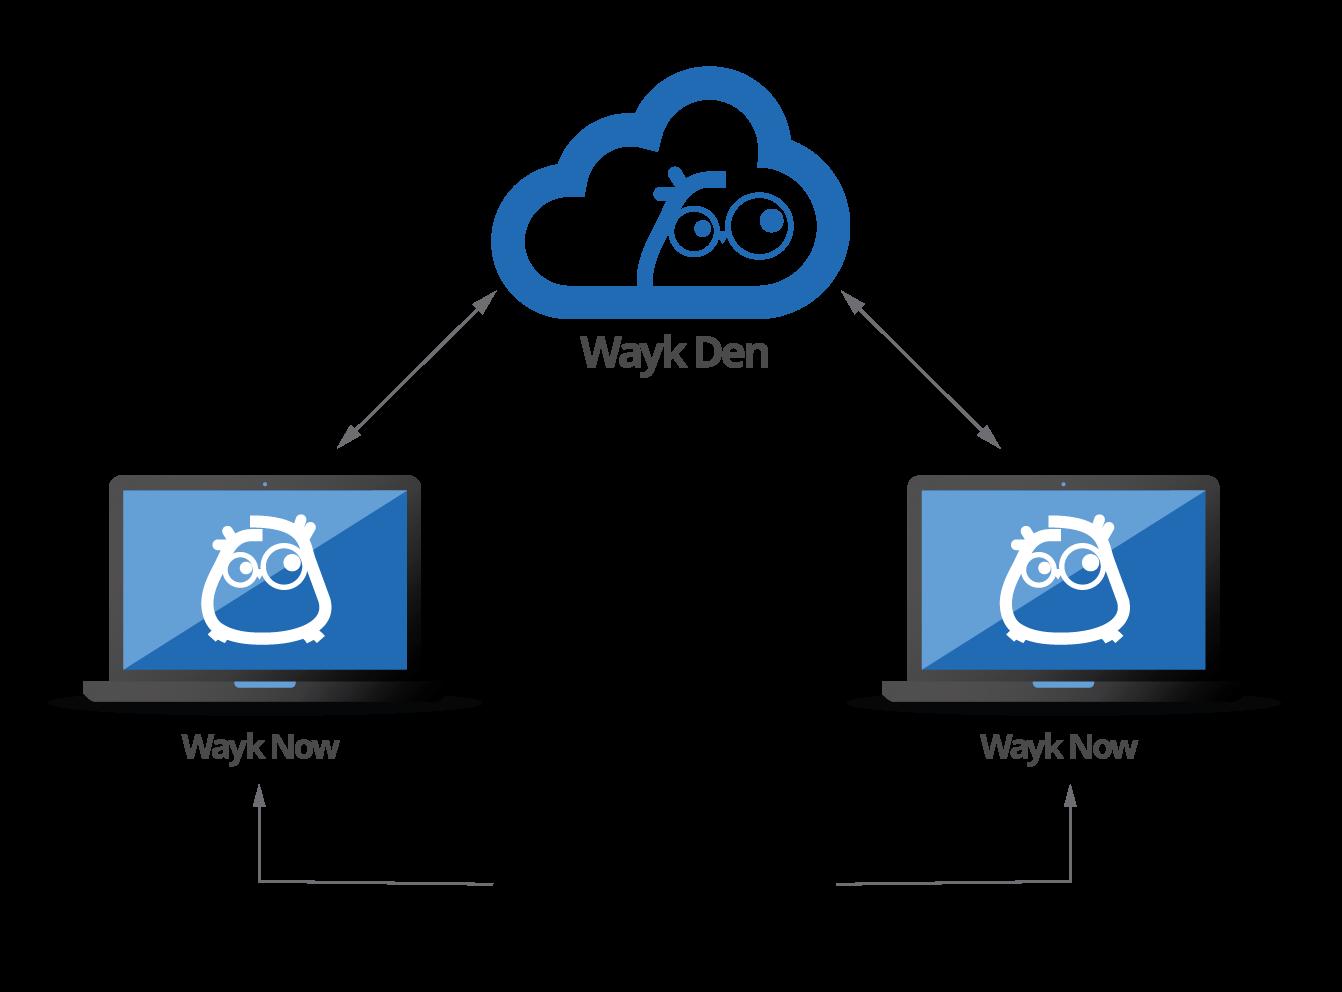 WaykDen_diagram-1